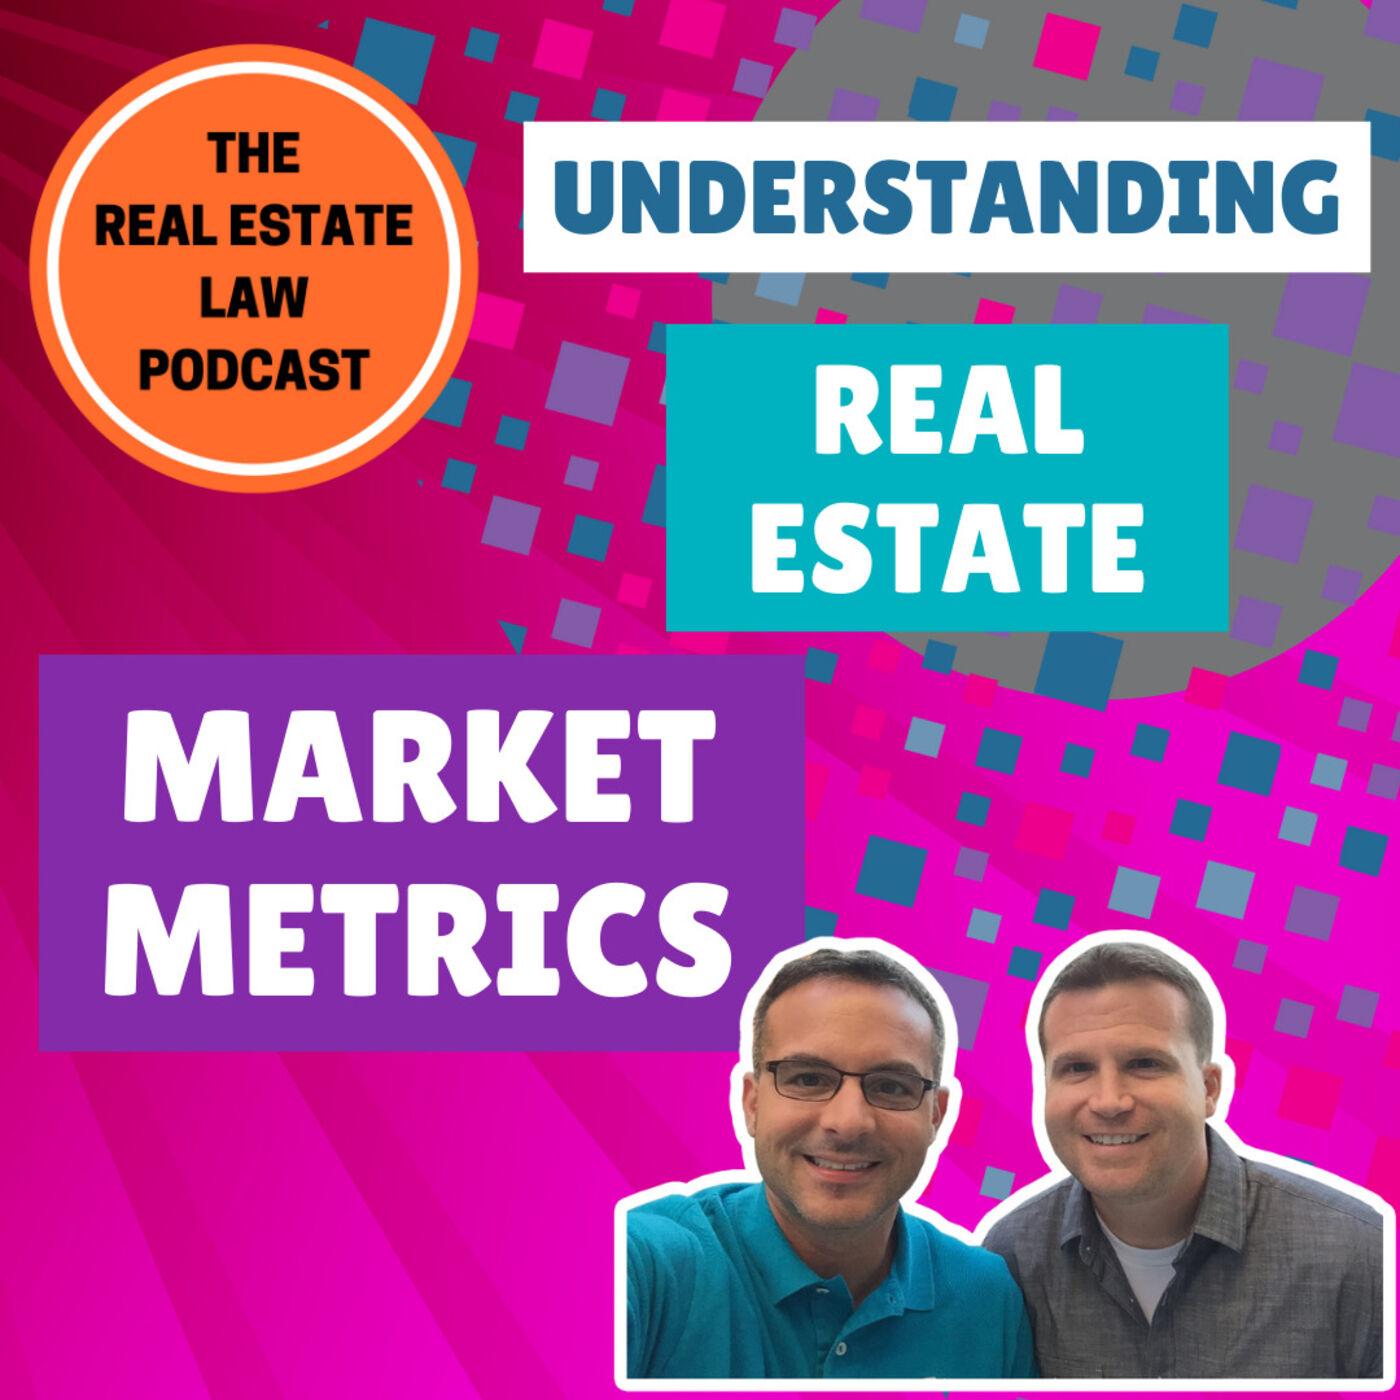 22 - Understanding Real Estate Market Metrics